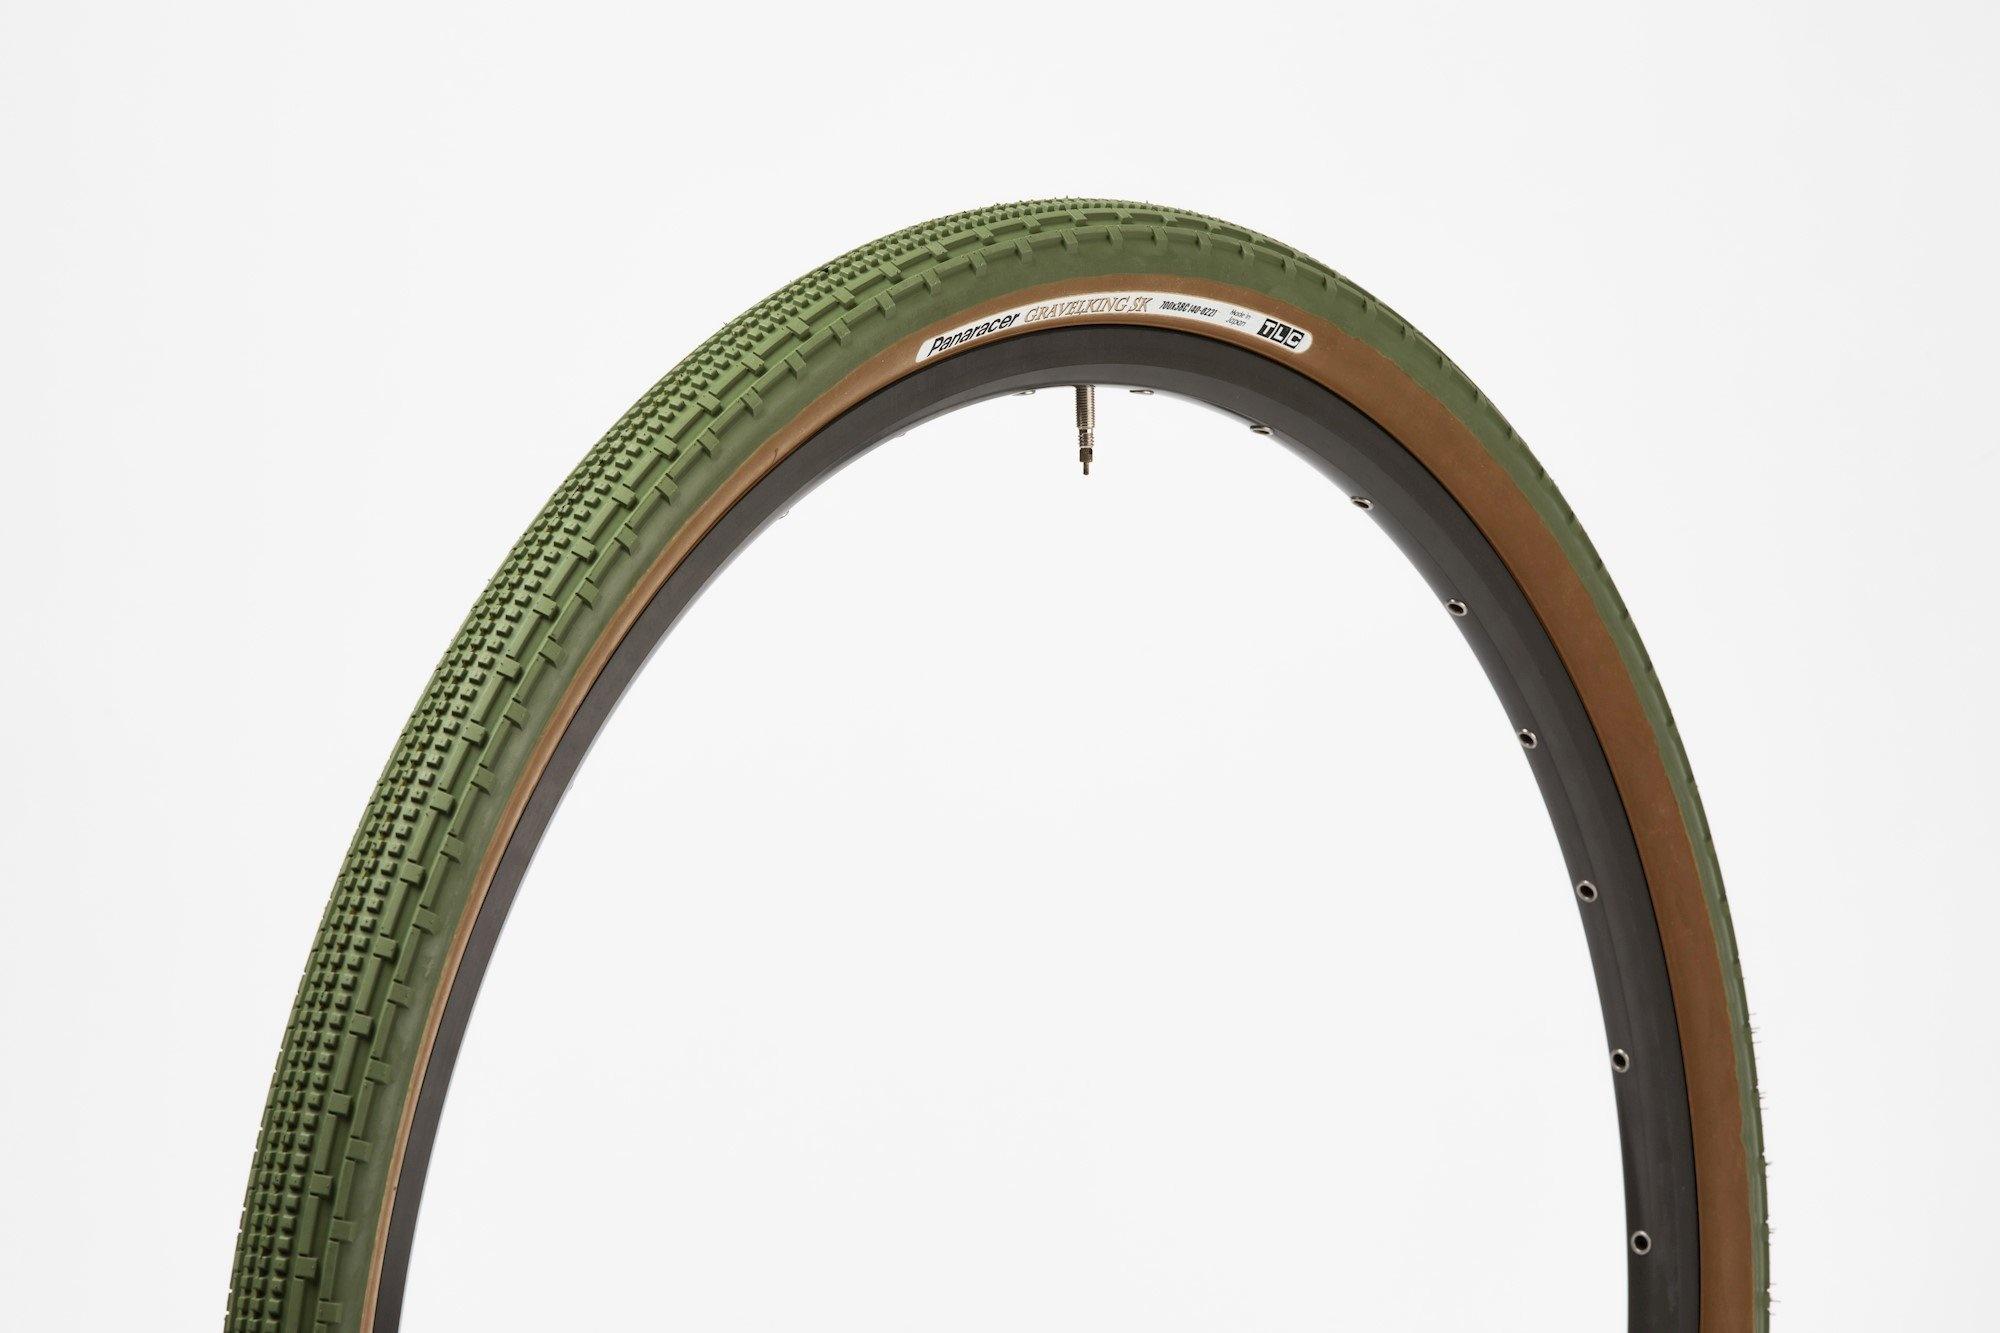 Panaracer 700 x 38 Gravel King SK Military Green dæk